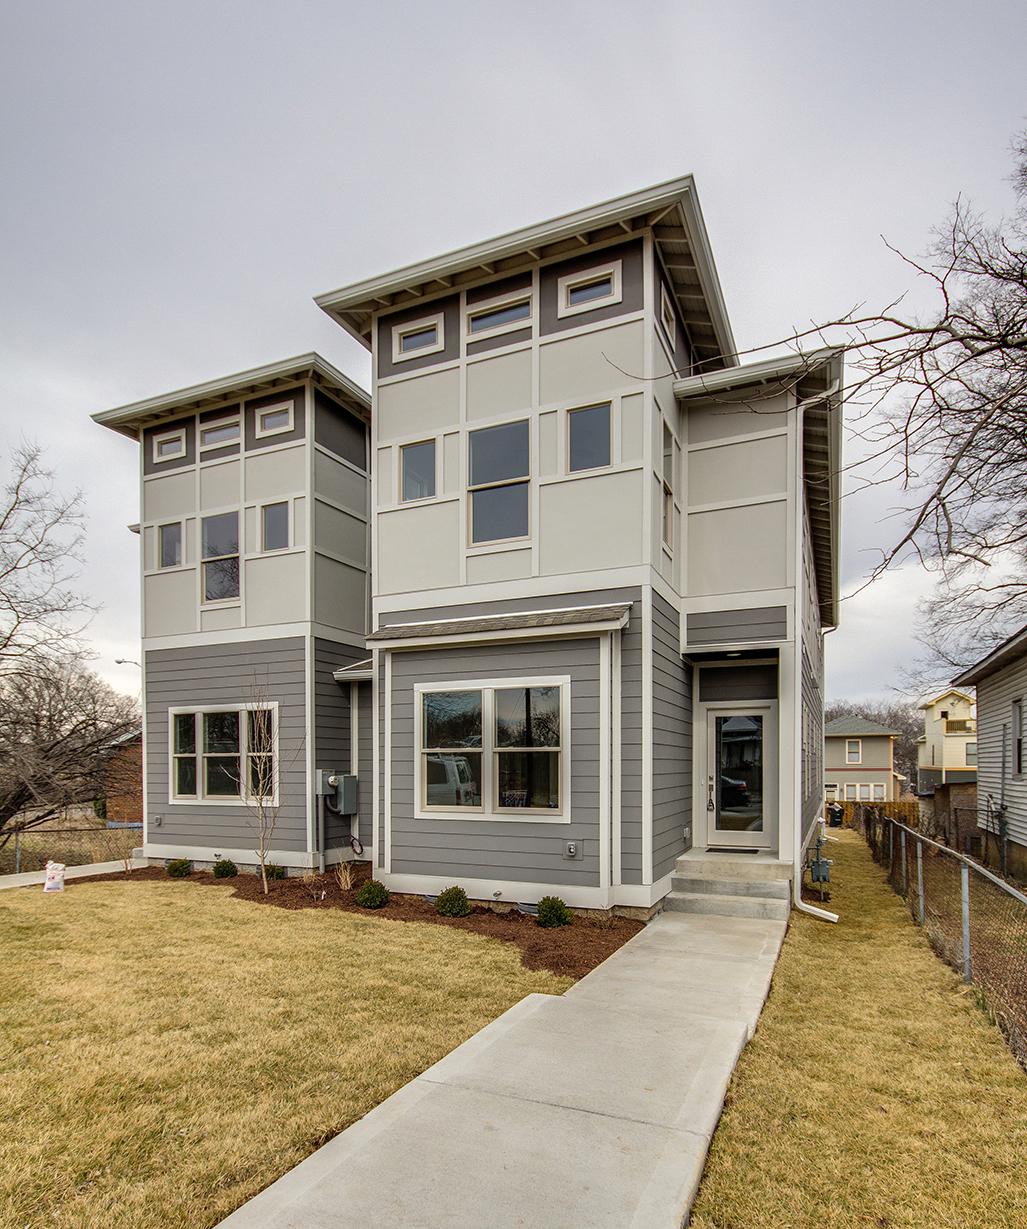 House-Plans-Online-Duplex-Nashville-Peggy-Newman-Elevation-Patio-1816.jpg